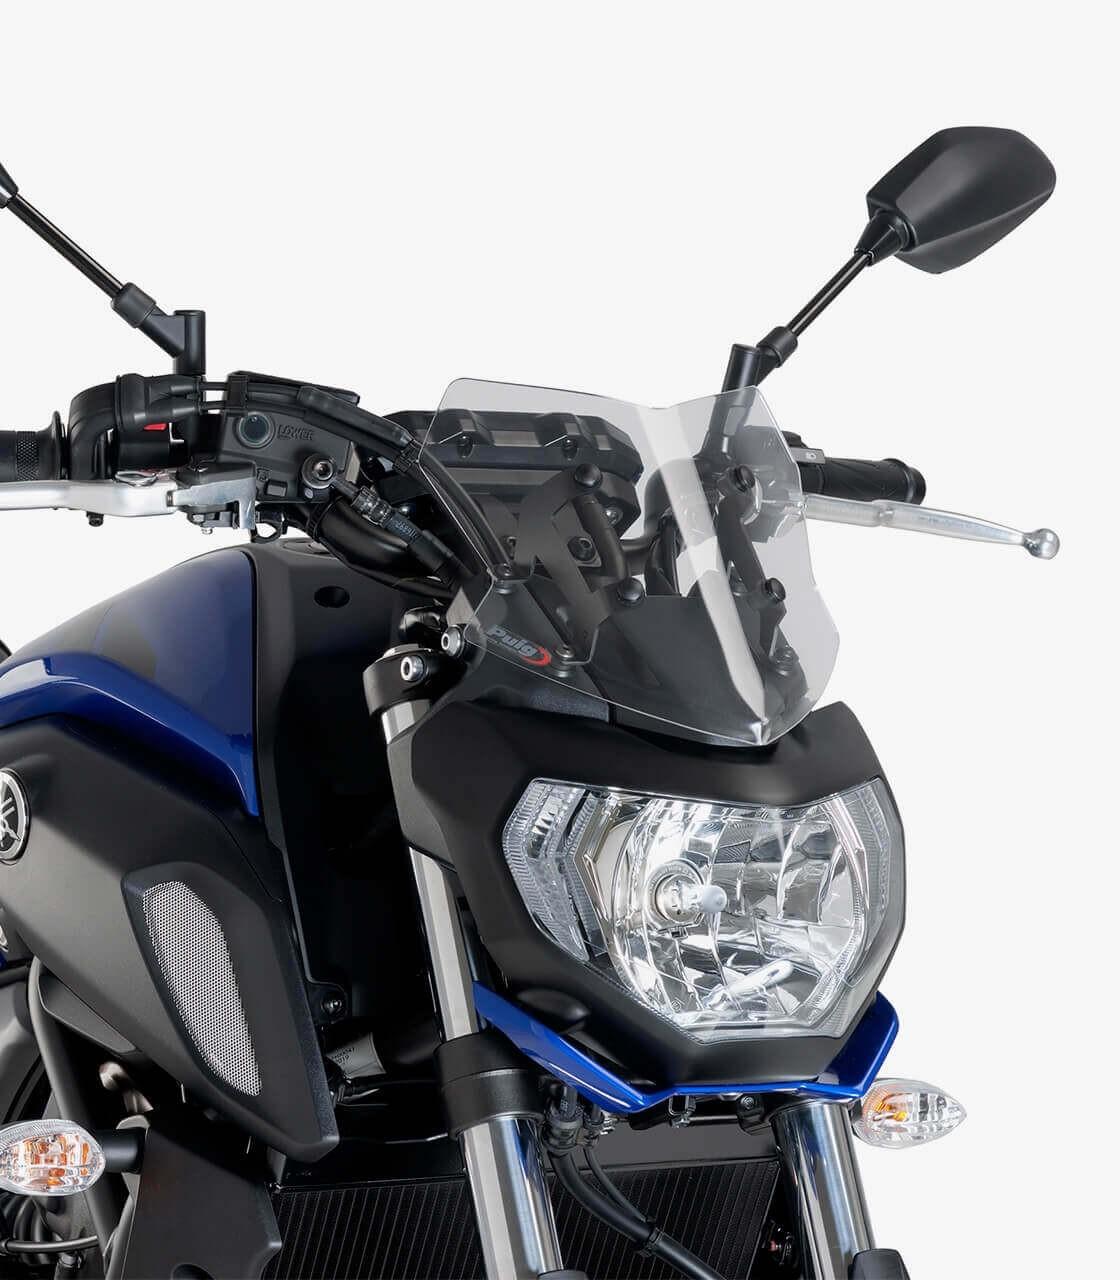 Yamaha MT-07 2014 - 2017 Puig Naked New Generation Sport